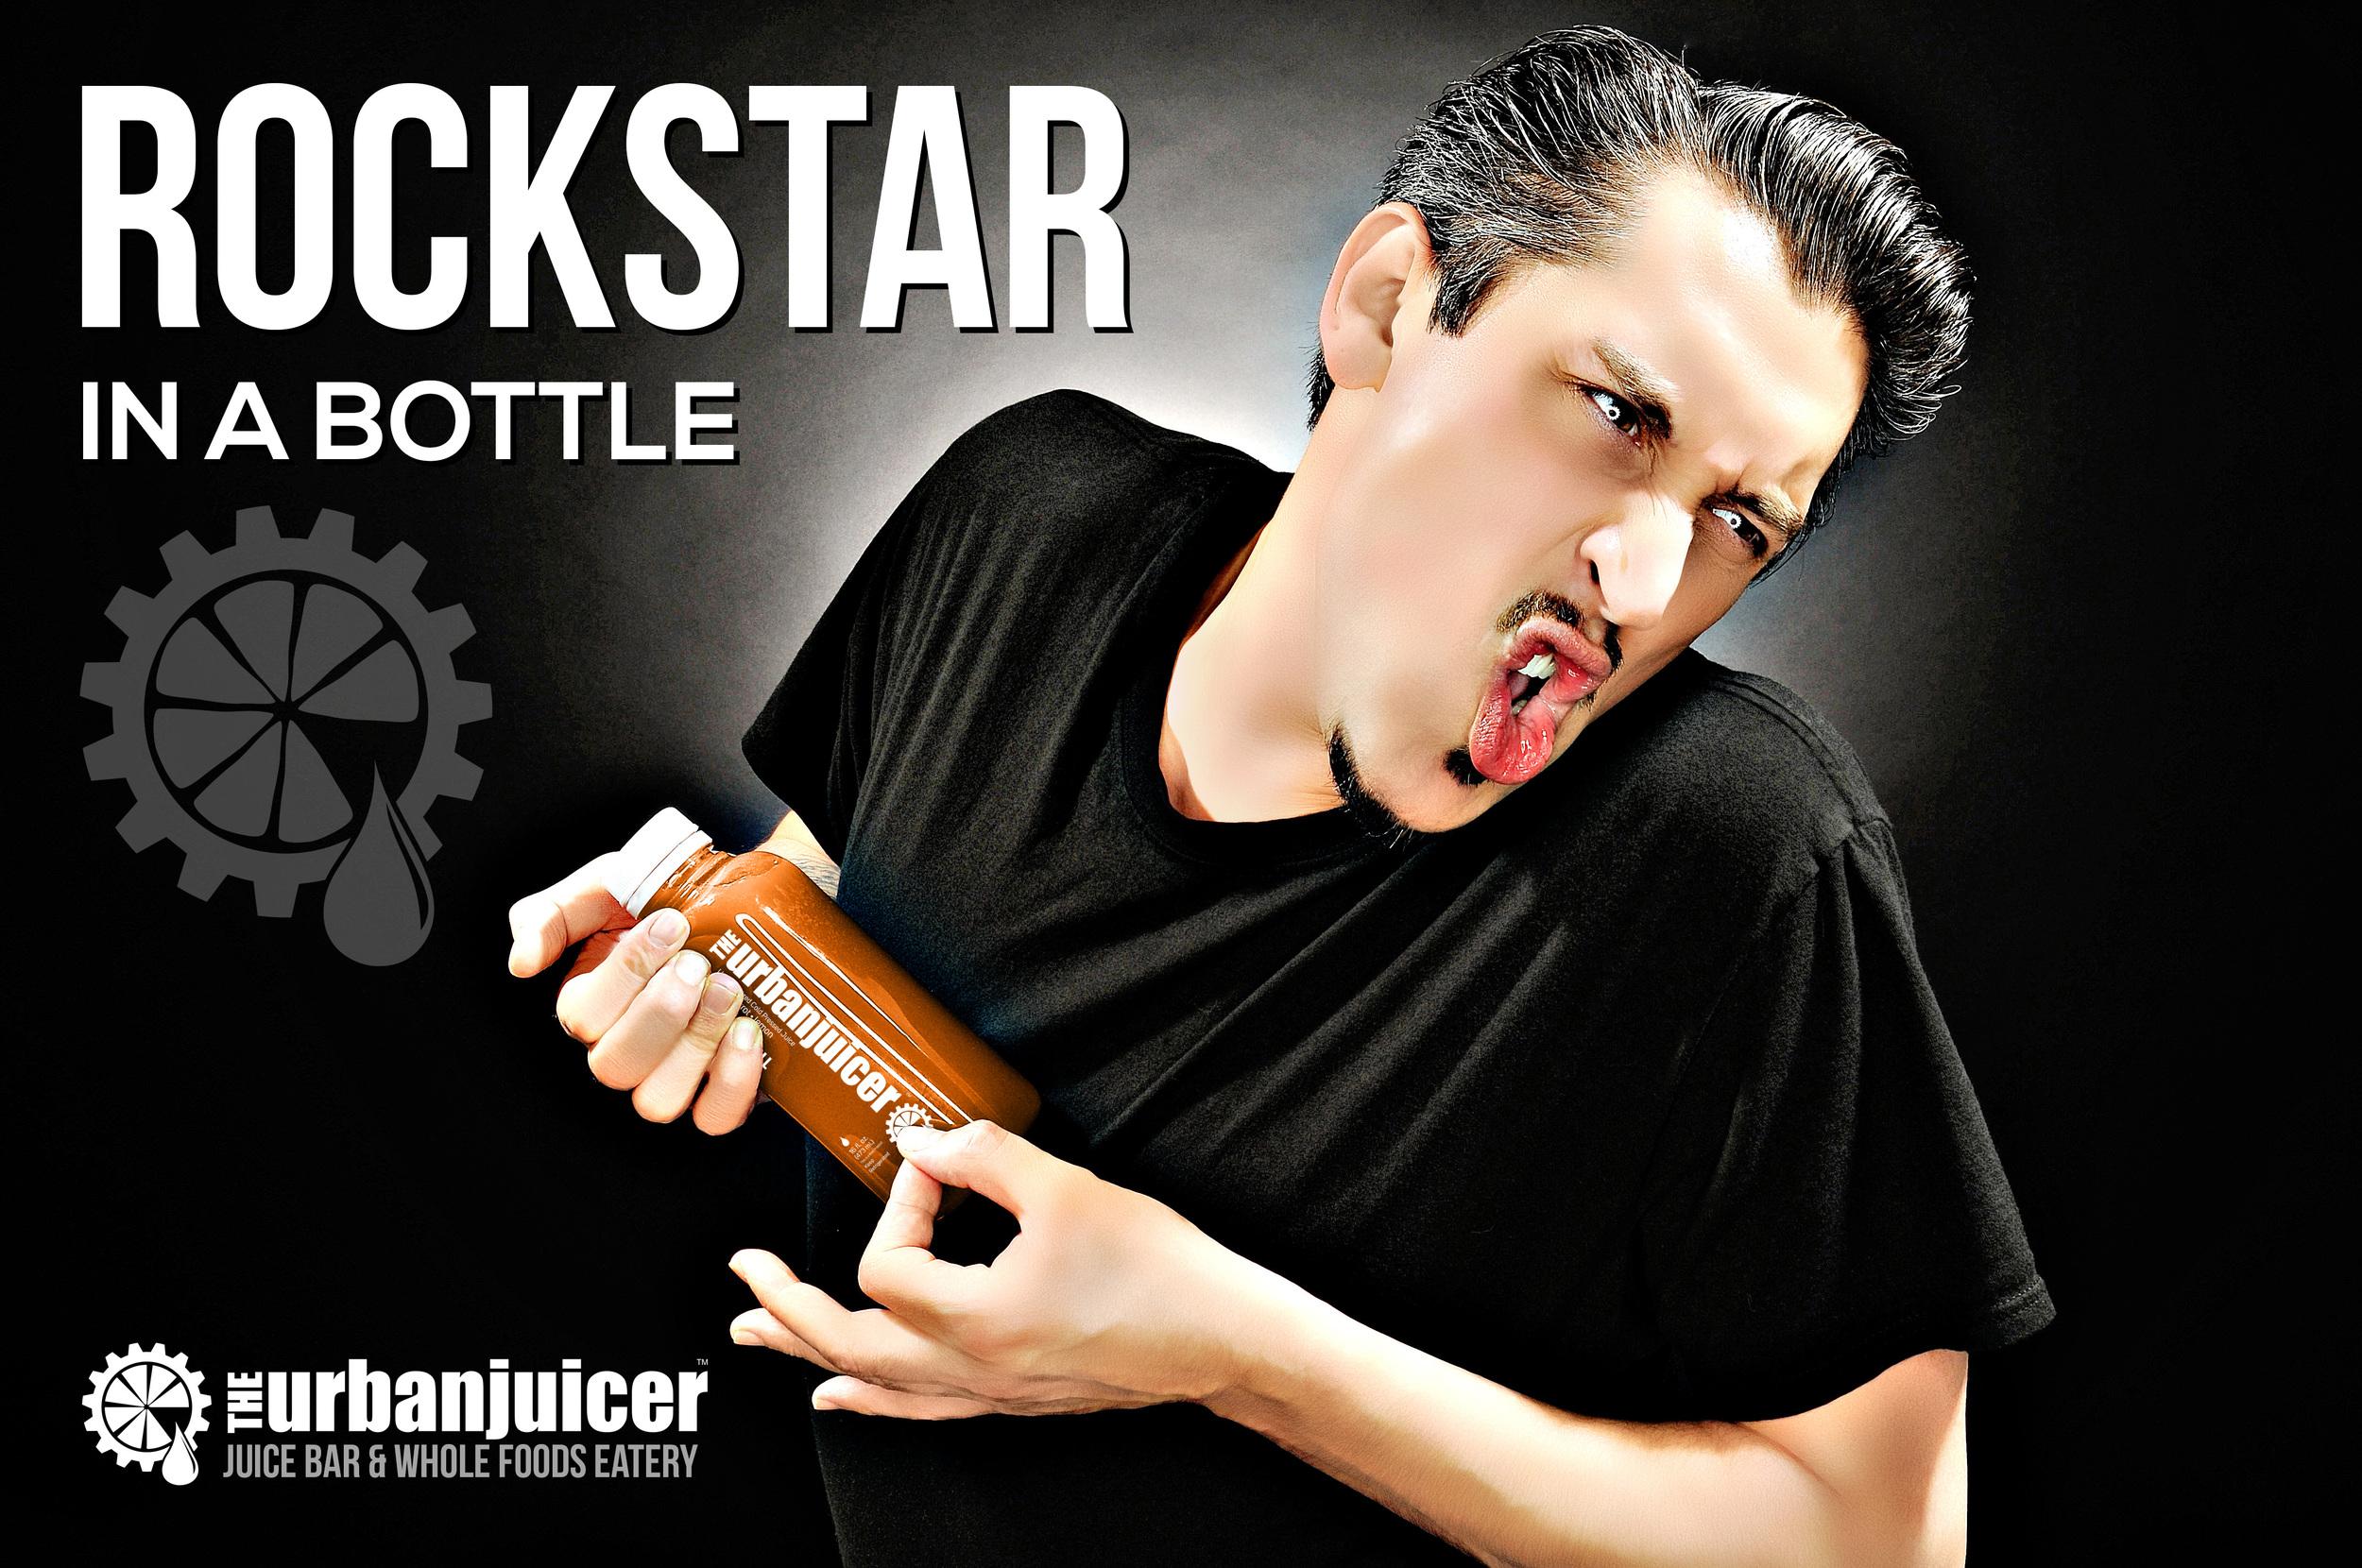 Dustin-Wake-Up-Call-BG-Rockstar-Bonus-01.jpg